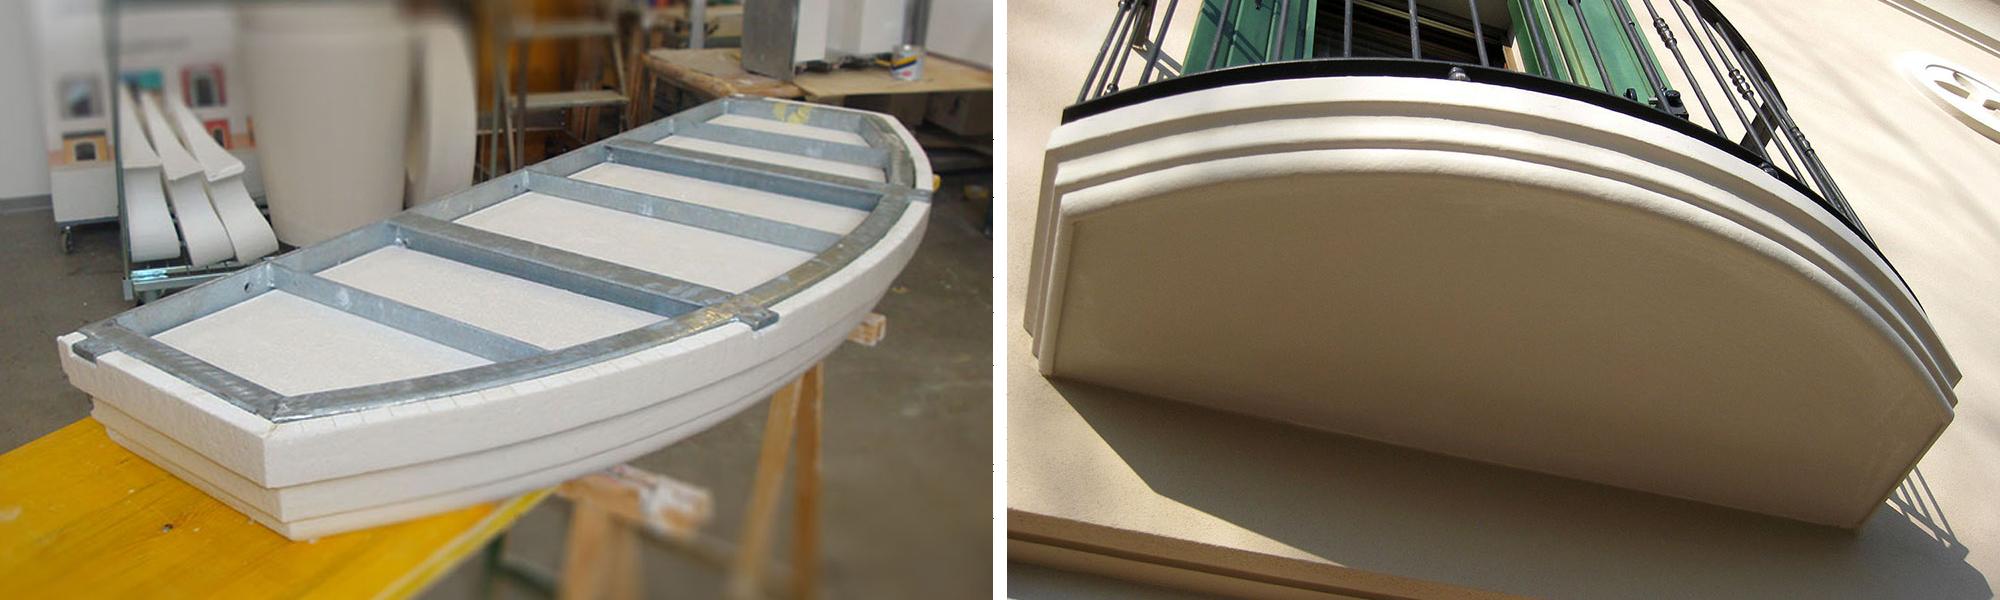 Sotto balconi e terrazzi in polistirolo: esempio di realizzazione su misura